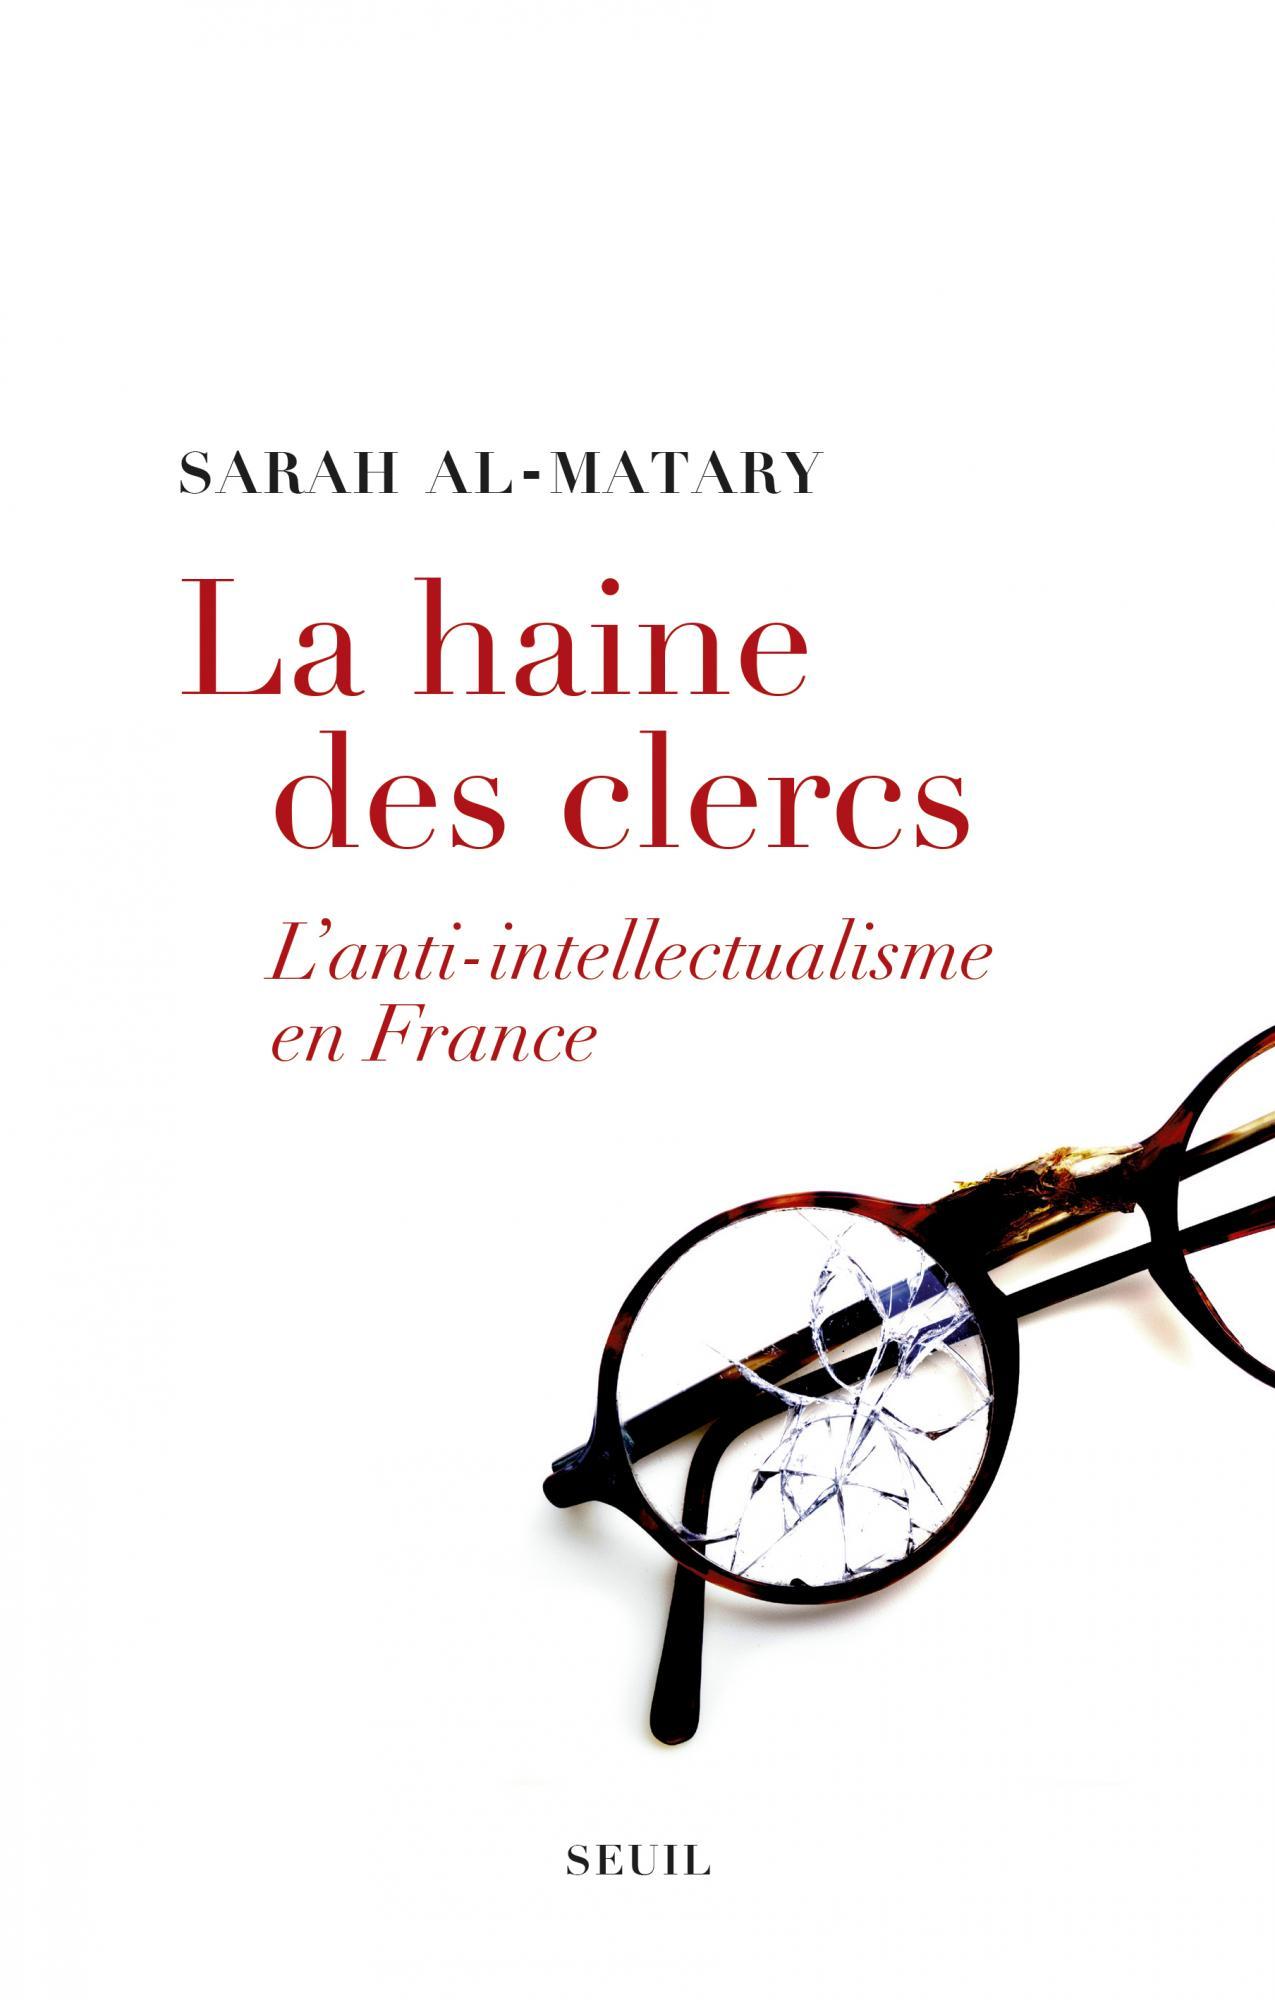 La haine des clercs. L'anti-intellectualisme en France, Sarah Al-Matary, Seuil,  392 p., 24 €.